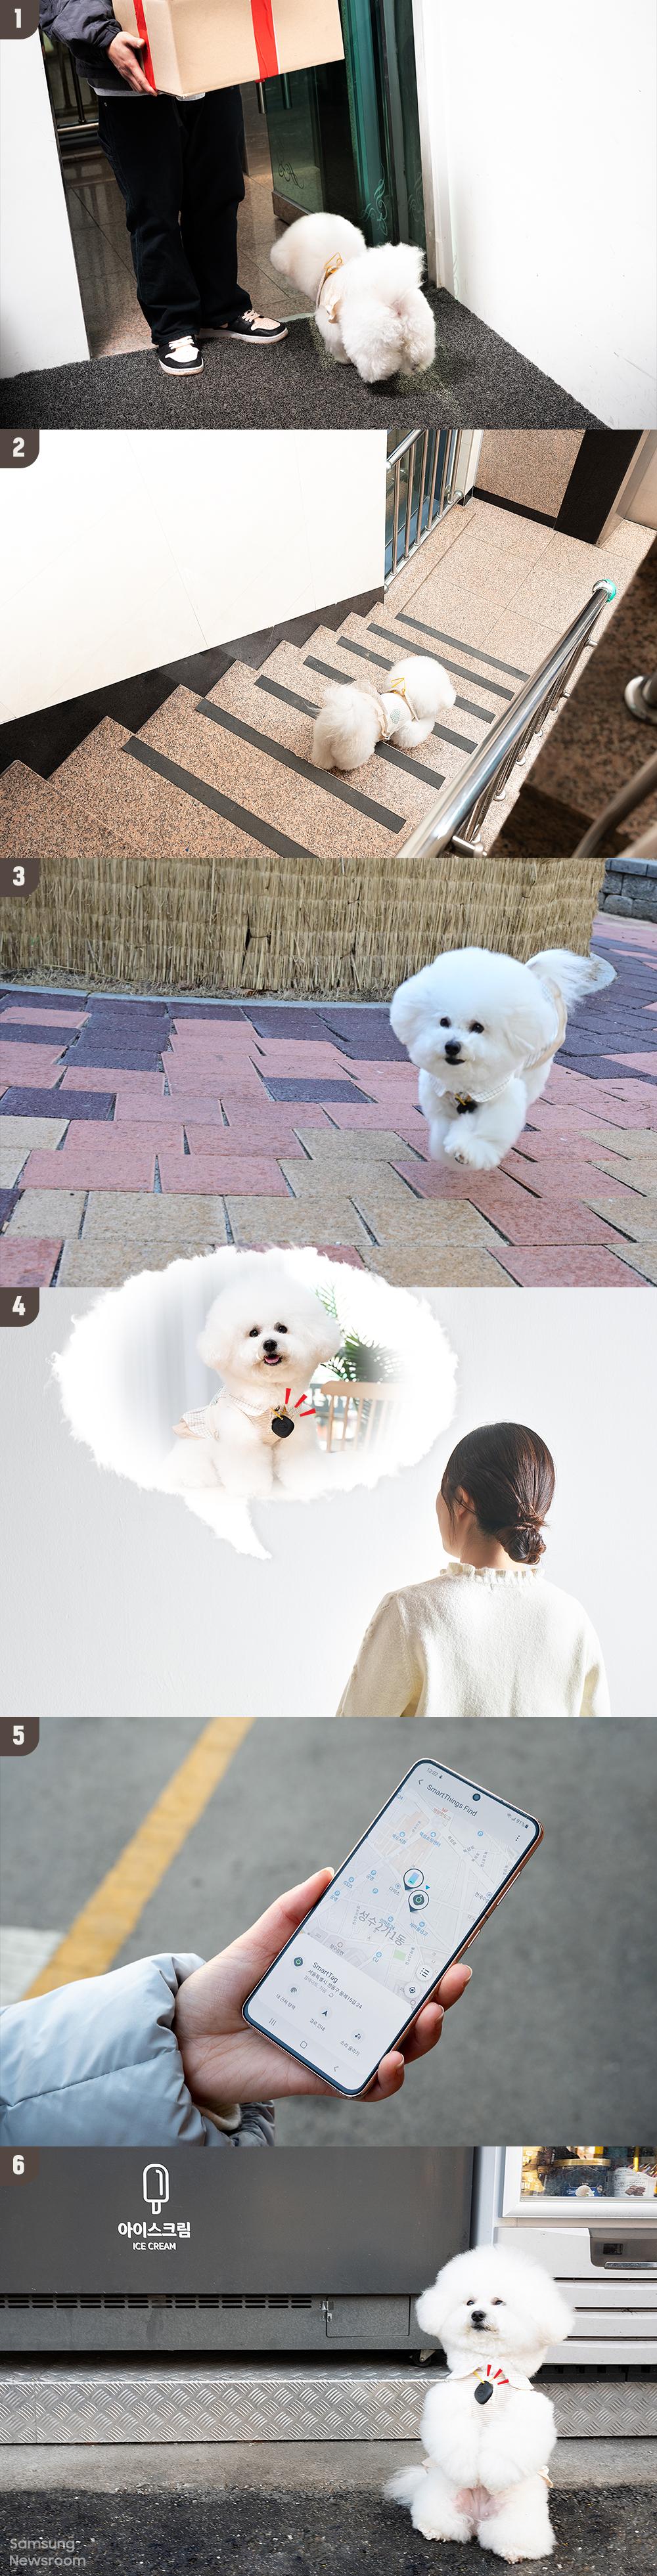 스마트태그를 이용해 강아지를 찾는 모습